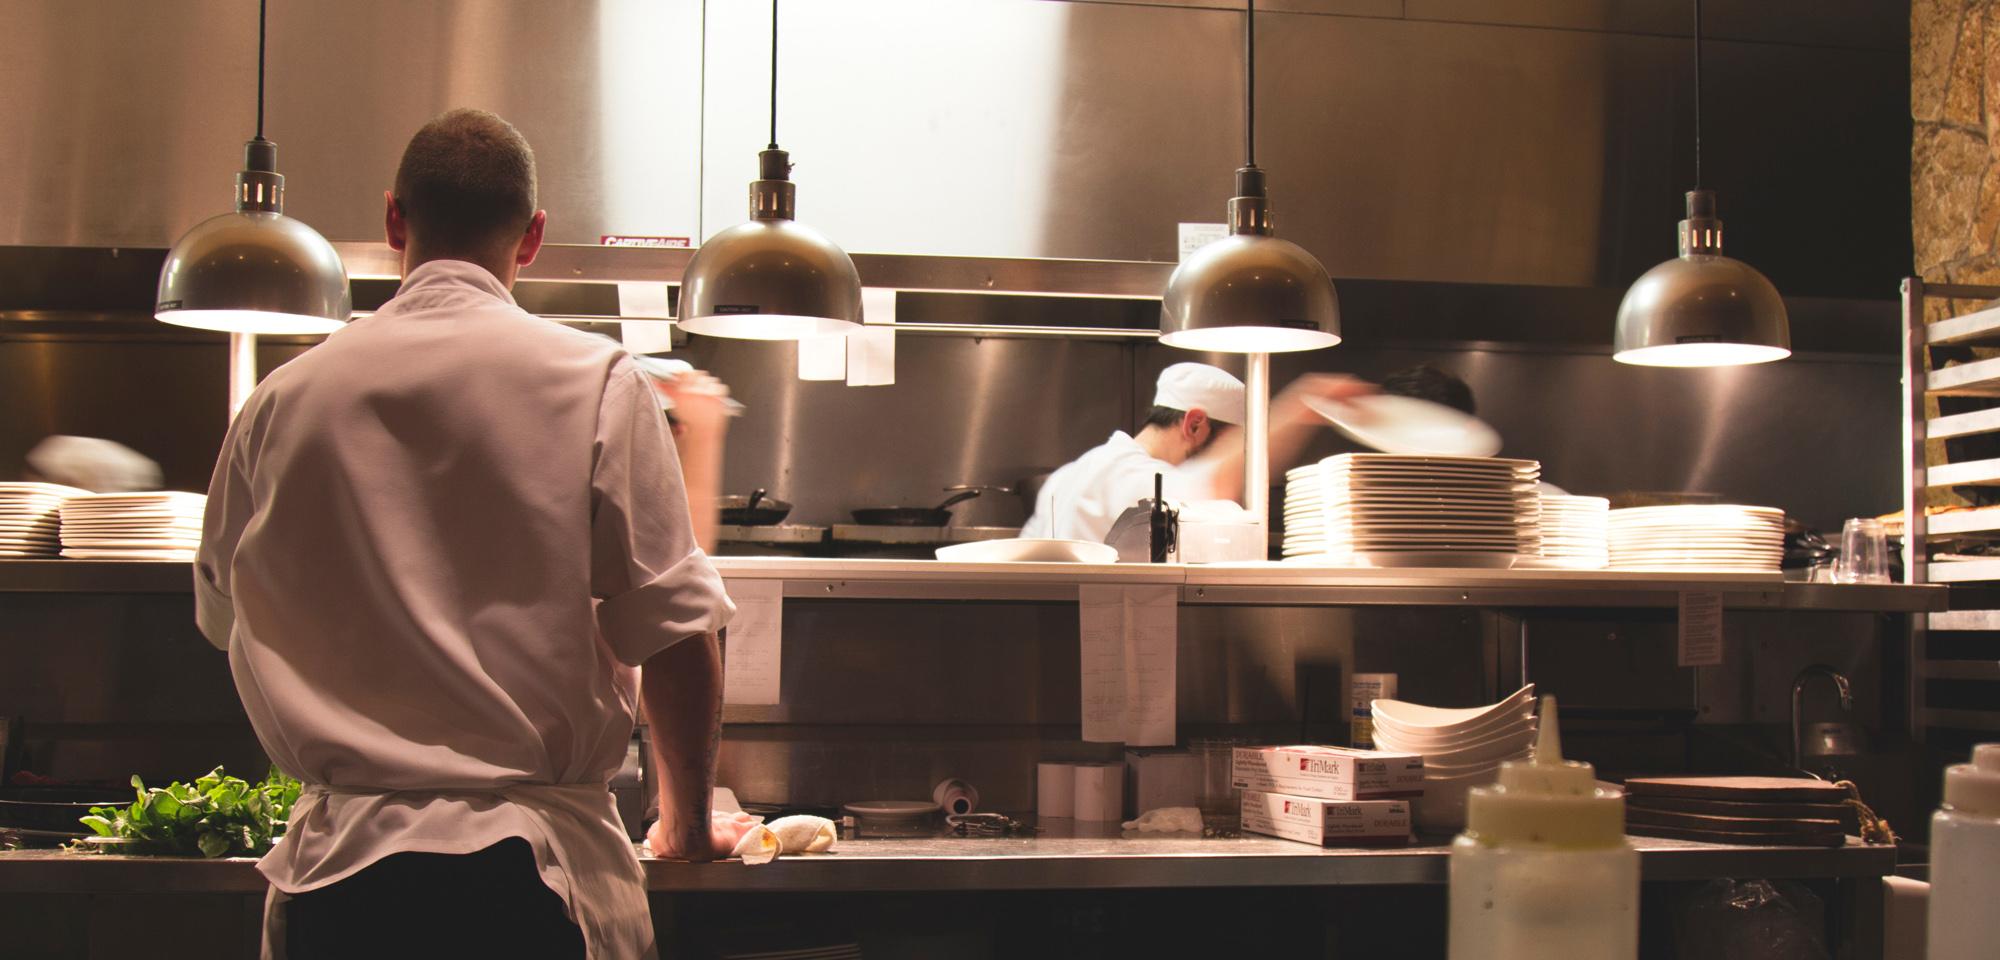 astuce_de_chef_citron_caviar_michael-browning_photographie